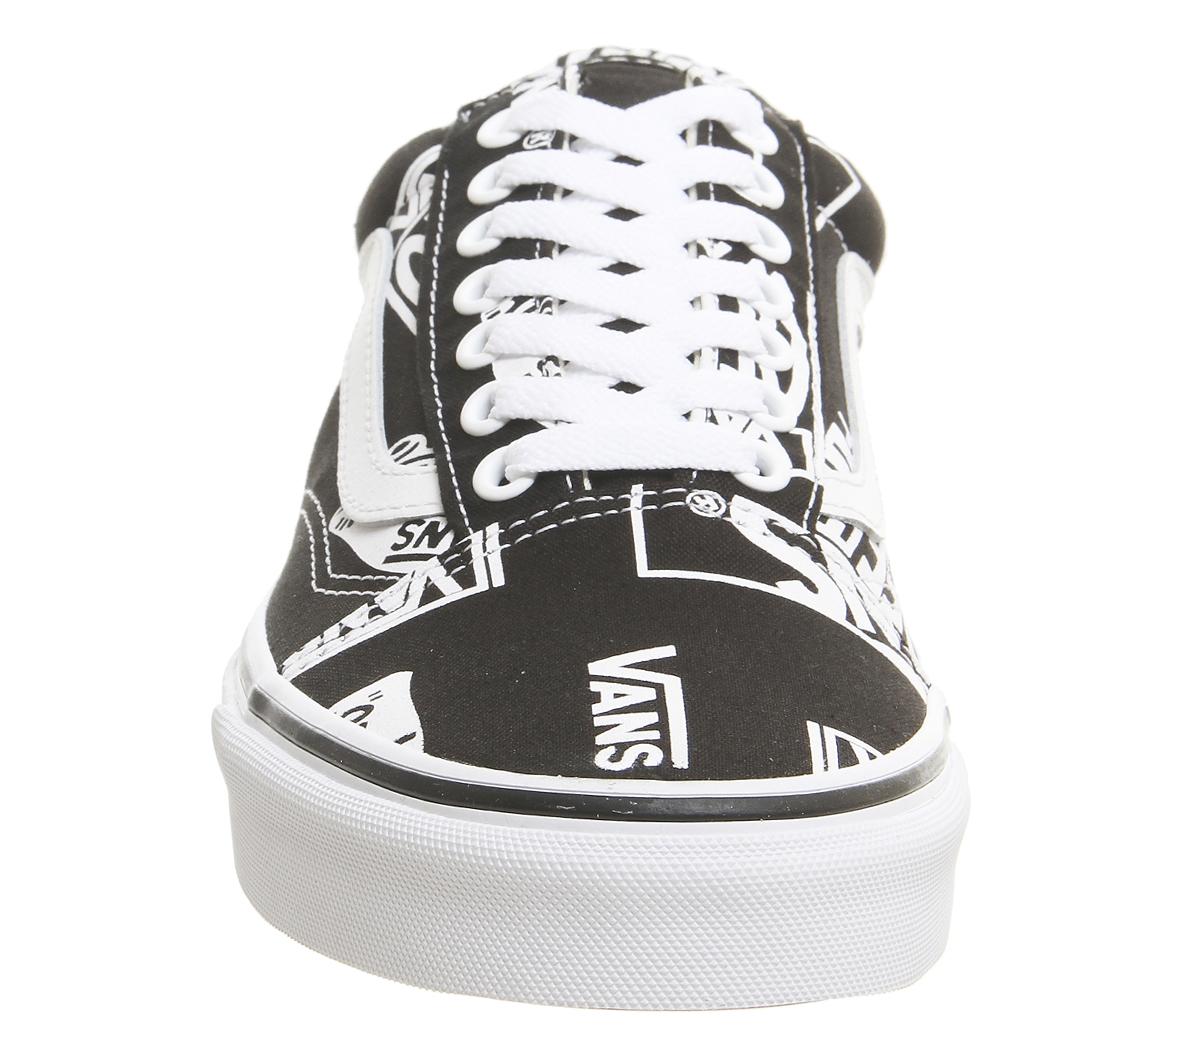 5fcd14700 CENTINELA Formadores de hombres Vans Old Skool negro verdadero LOGO blanco  zapatillas zapatos